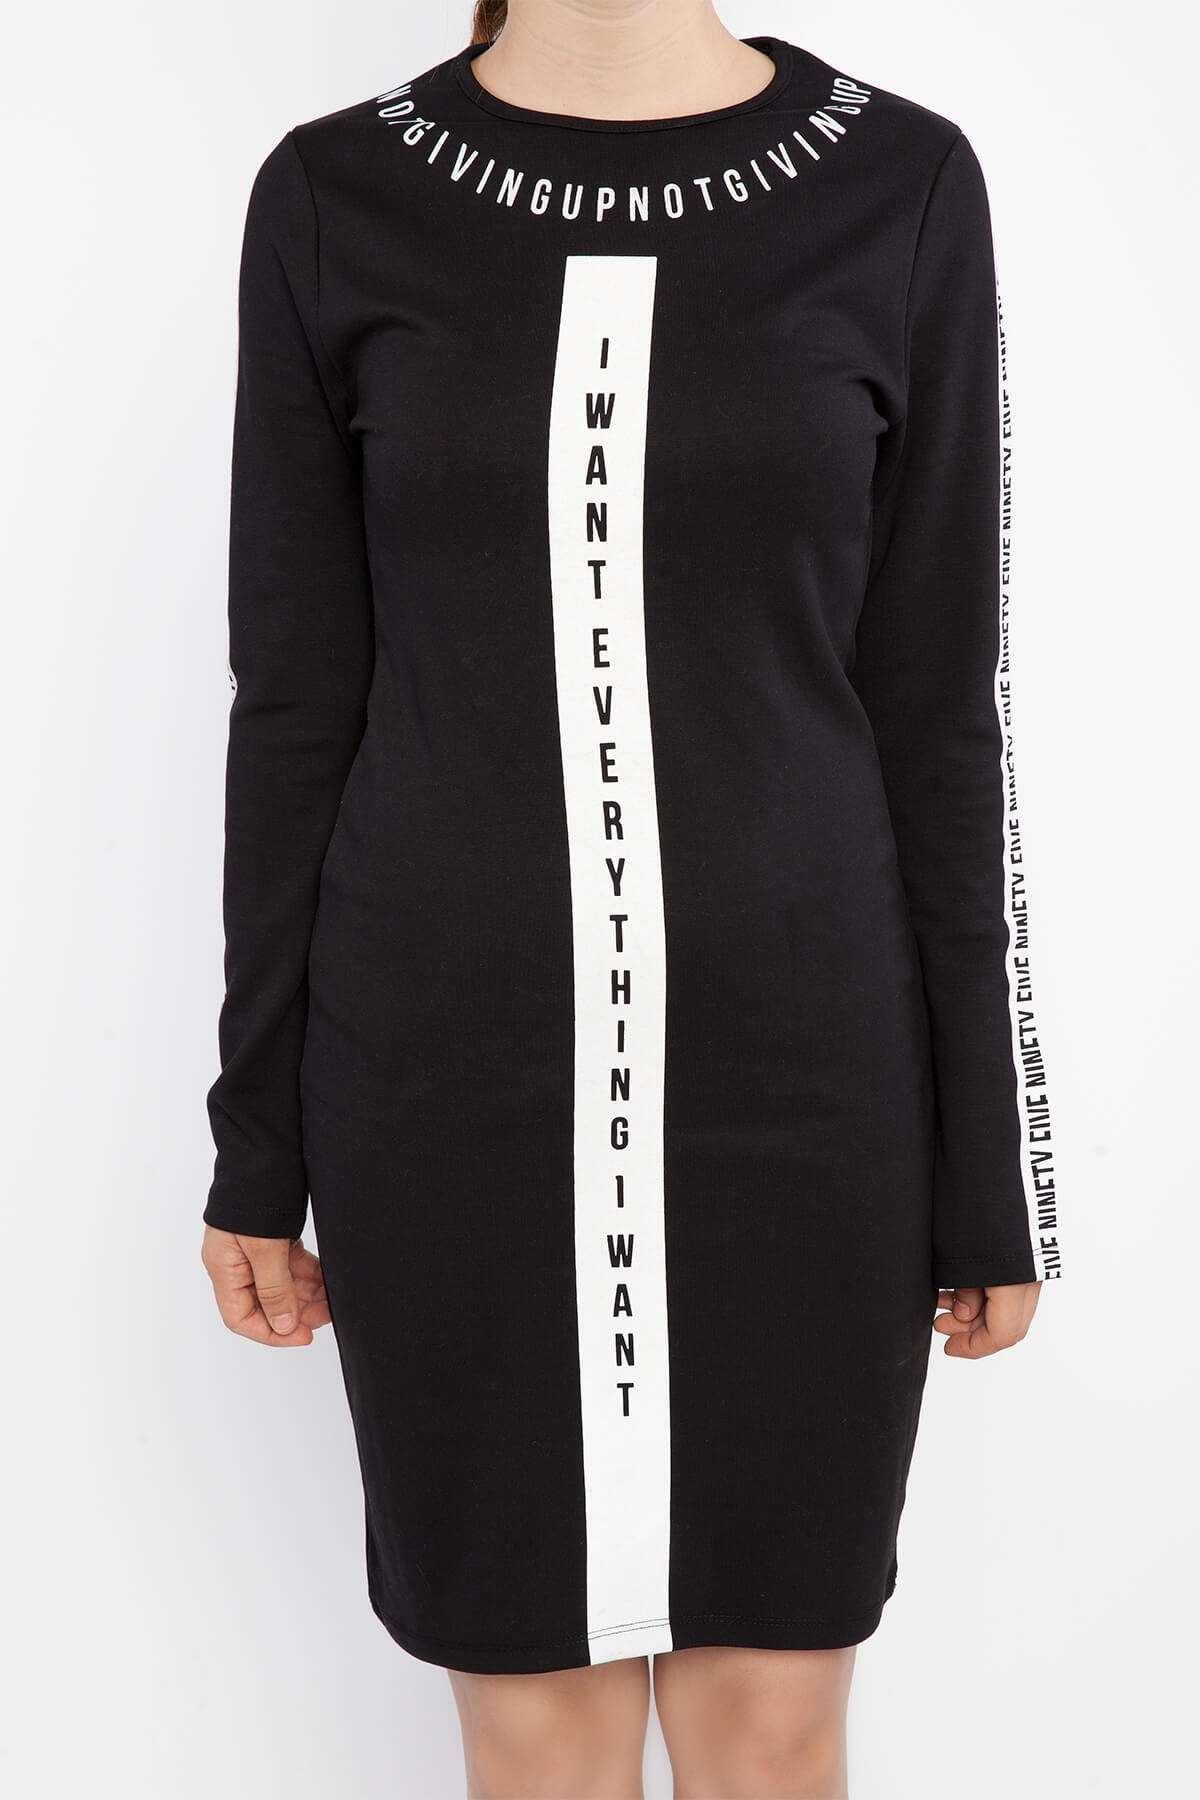 Baskılı Yazı Detaylı Elbise Siyah